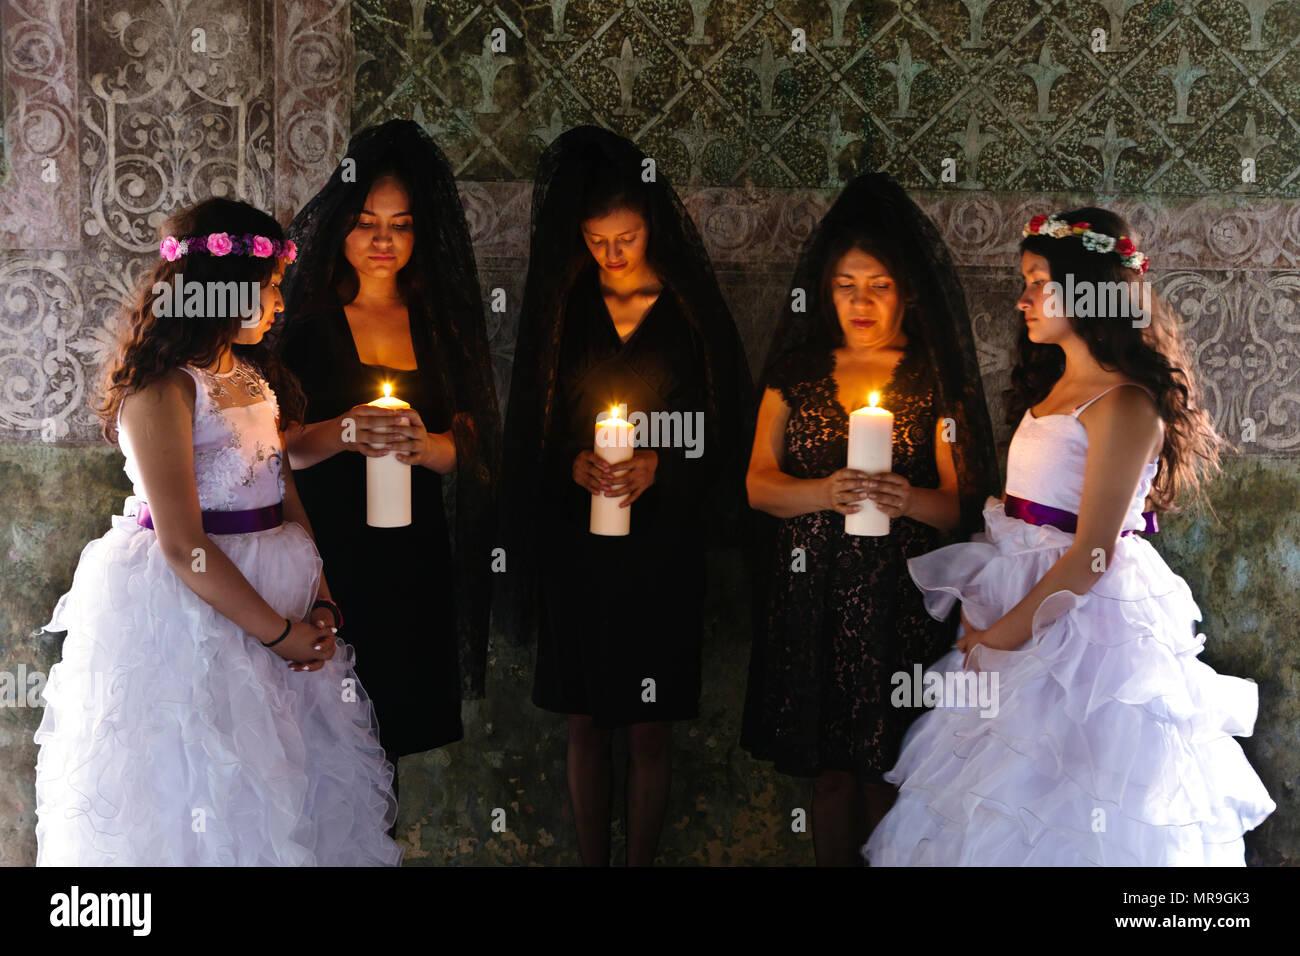 10385ed22ac1 Mexican donne abbigliate in tradizionale mantiglie con giovani ragazze  vestiti come angeli per Pasqua - SAN FELIPE